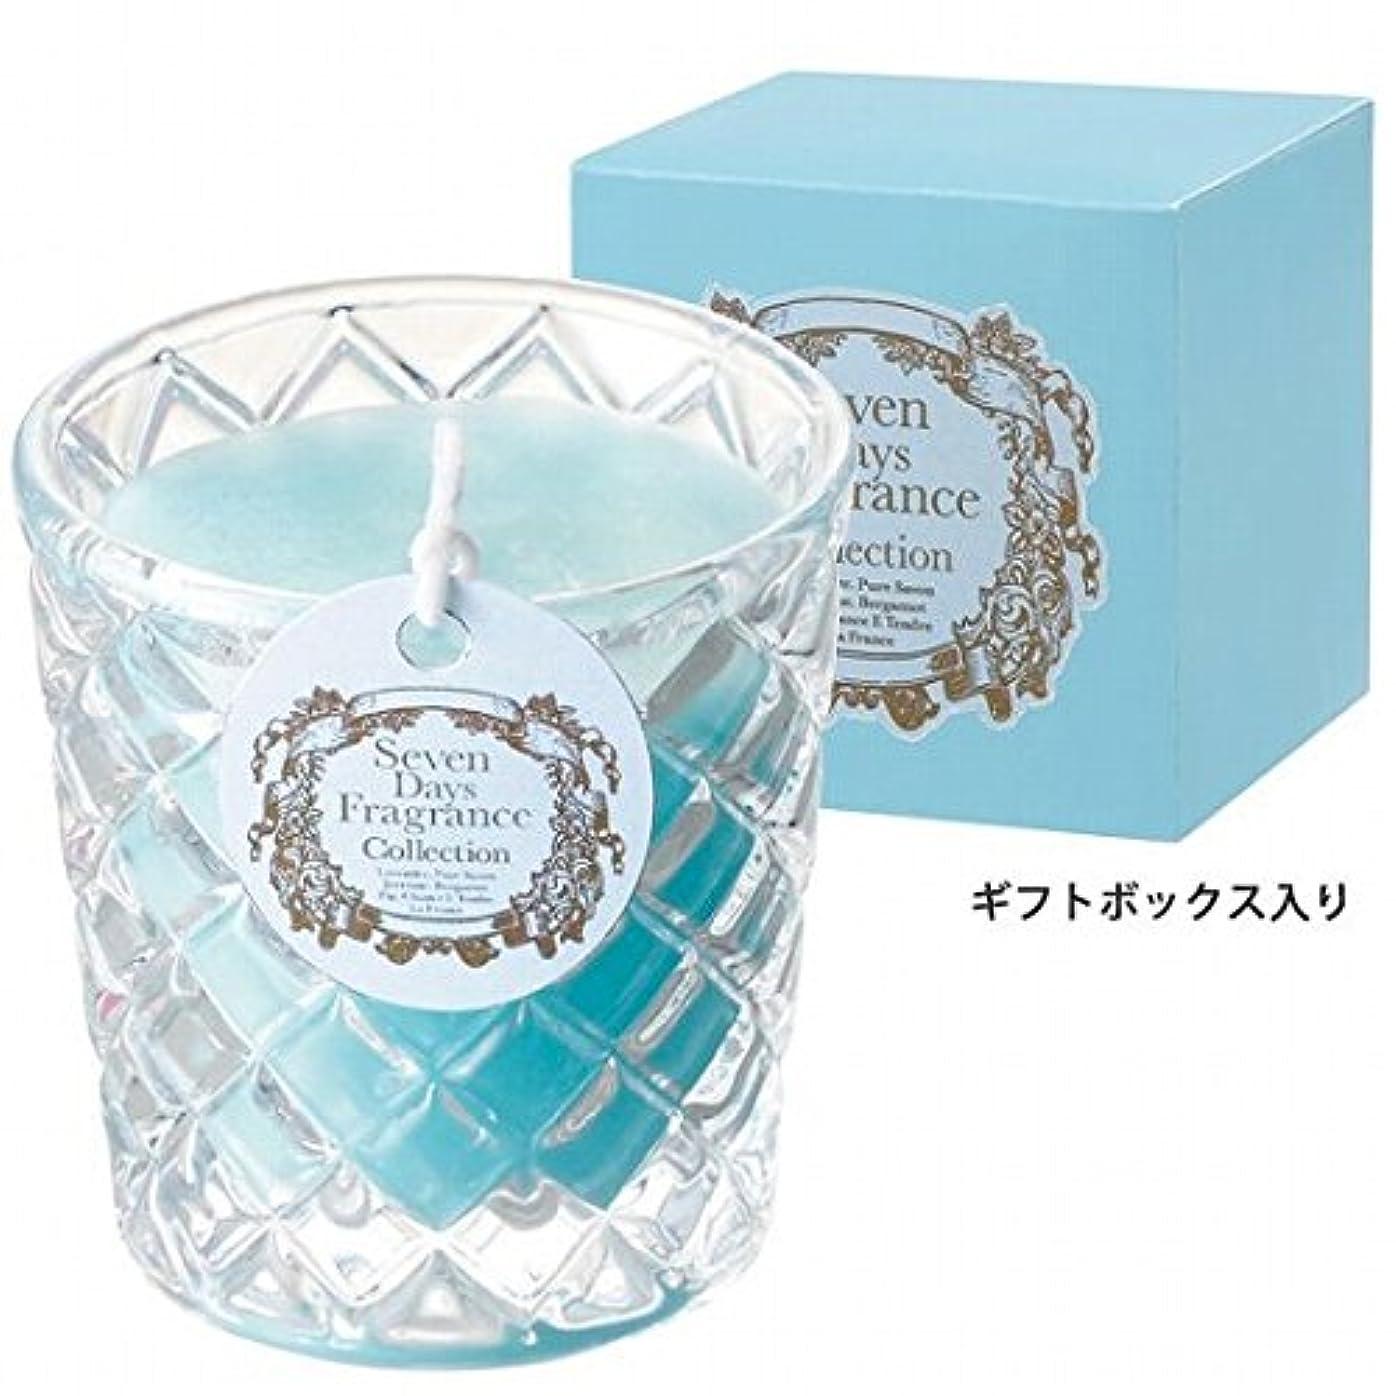 めまいがキュービック液体カメヤマキャンドル(kameyama candle) セブンデイズグラスキャンドル(月曜日) 「 ピュアサボン 」